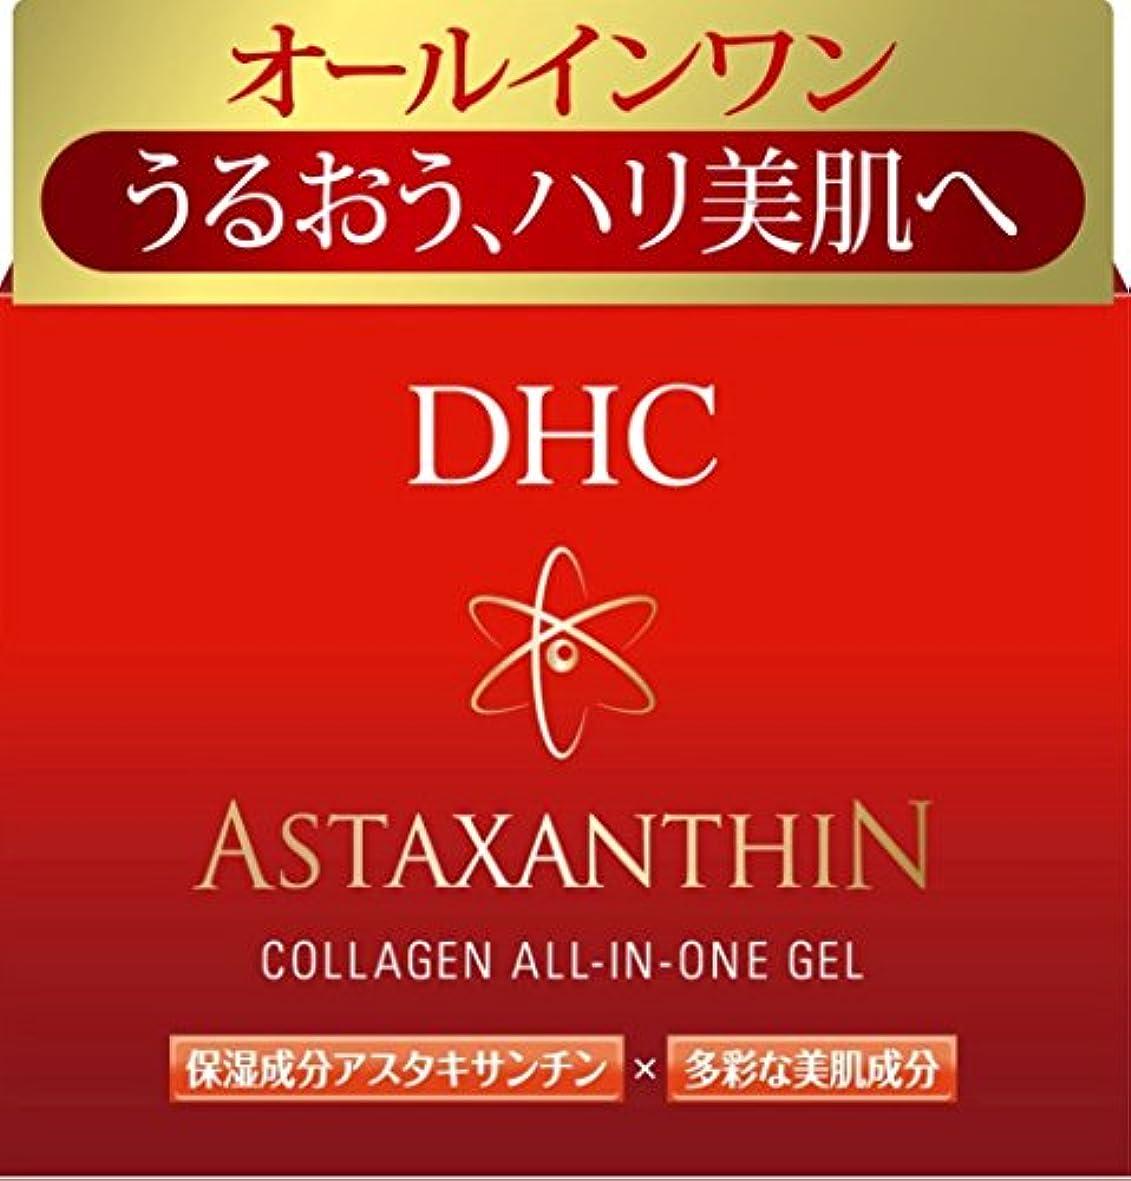 近似アクチュエータ代名詞DHC アスタキサンチンコラーゲンオールインワンジェル80g